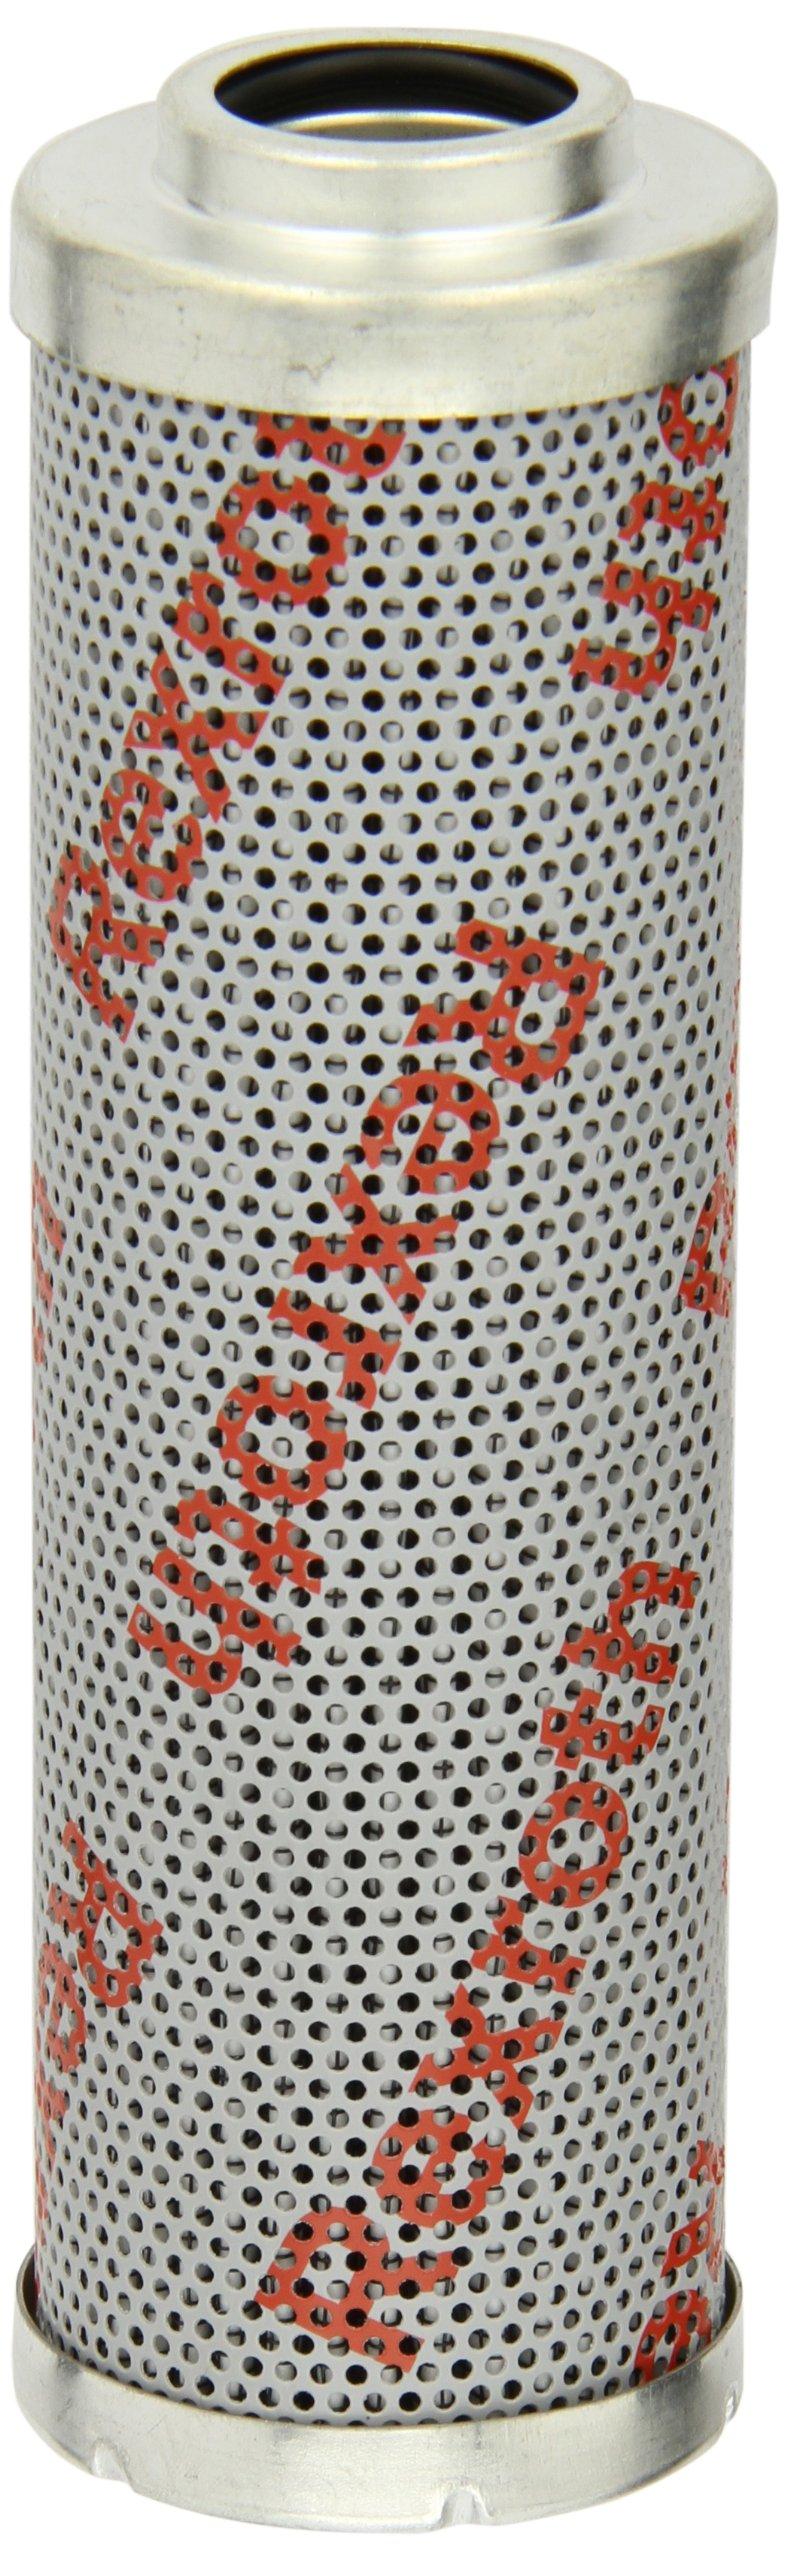 Bosch Rexroth R928017144 Micro-glass Filter